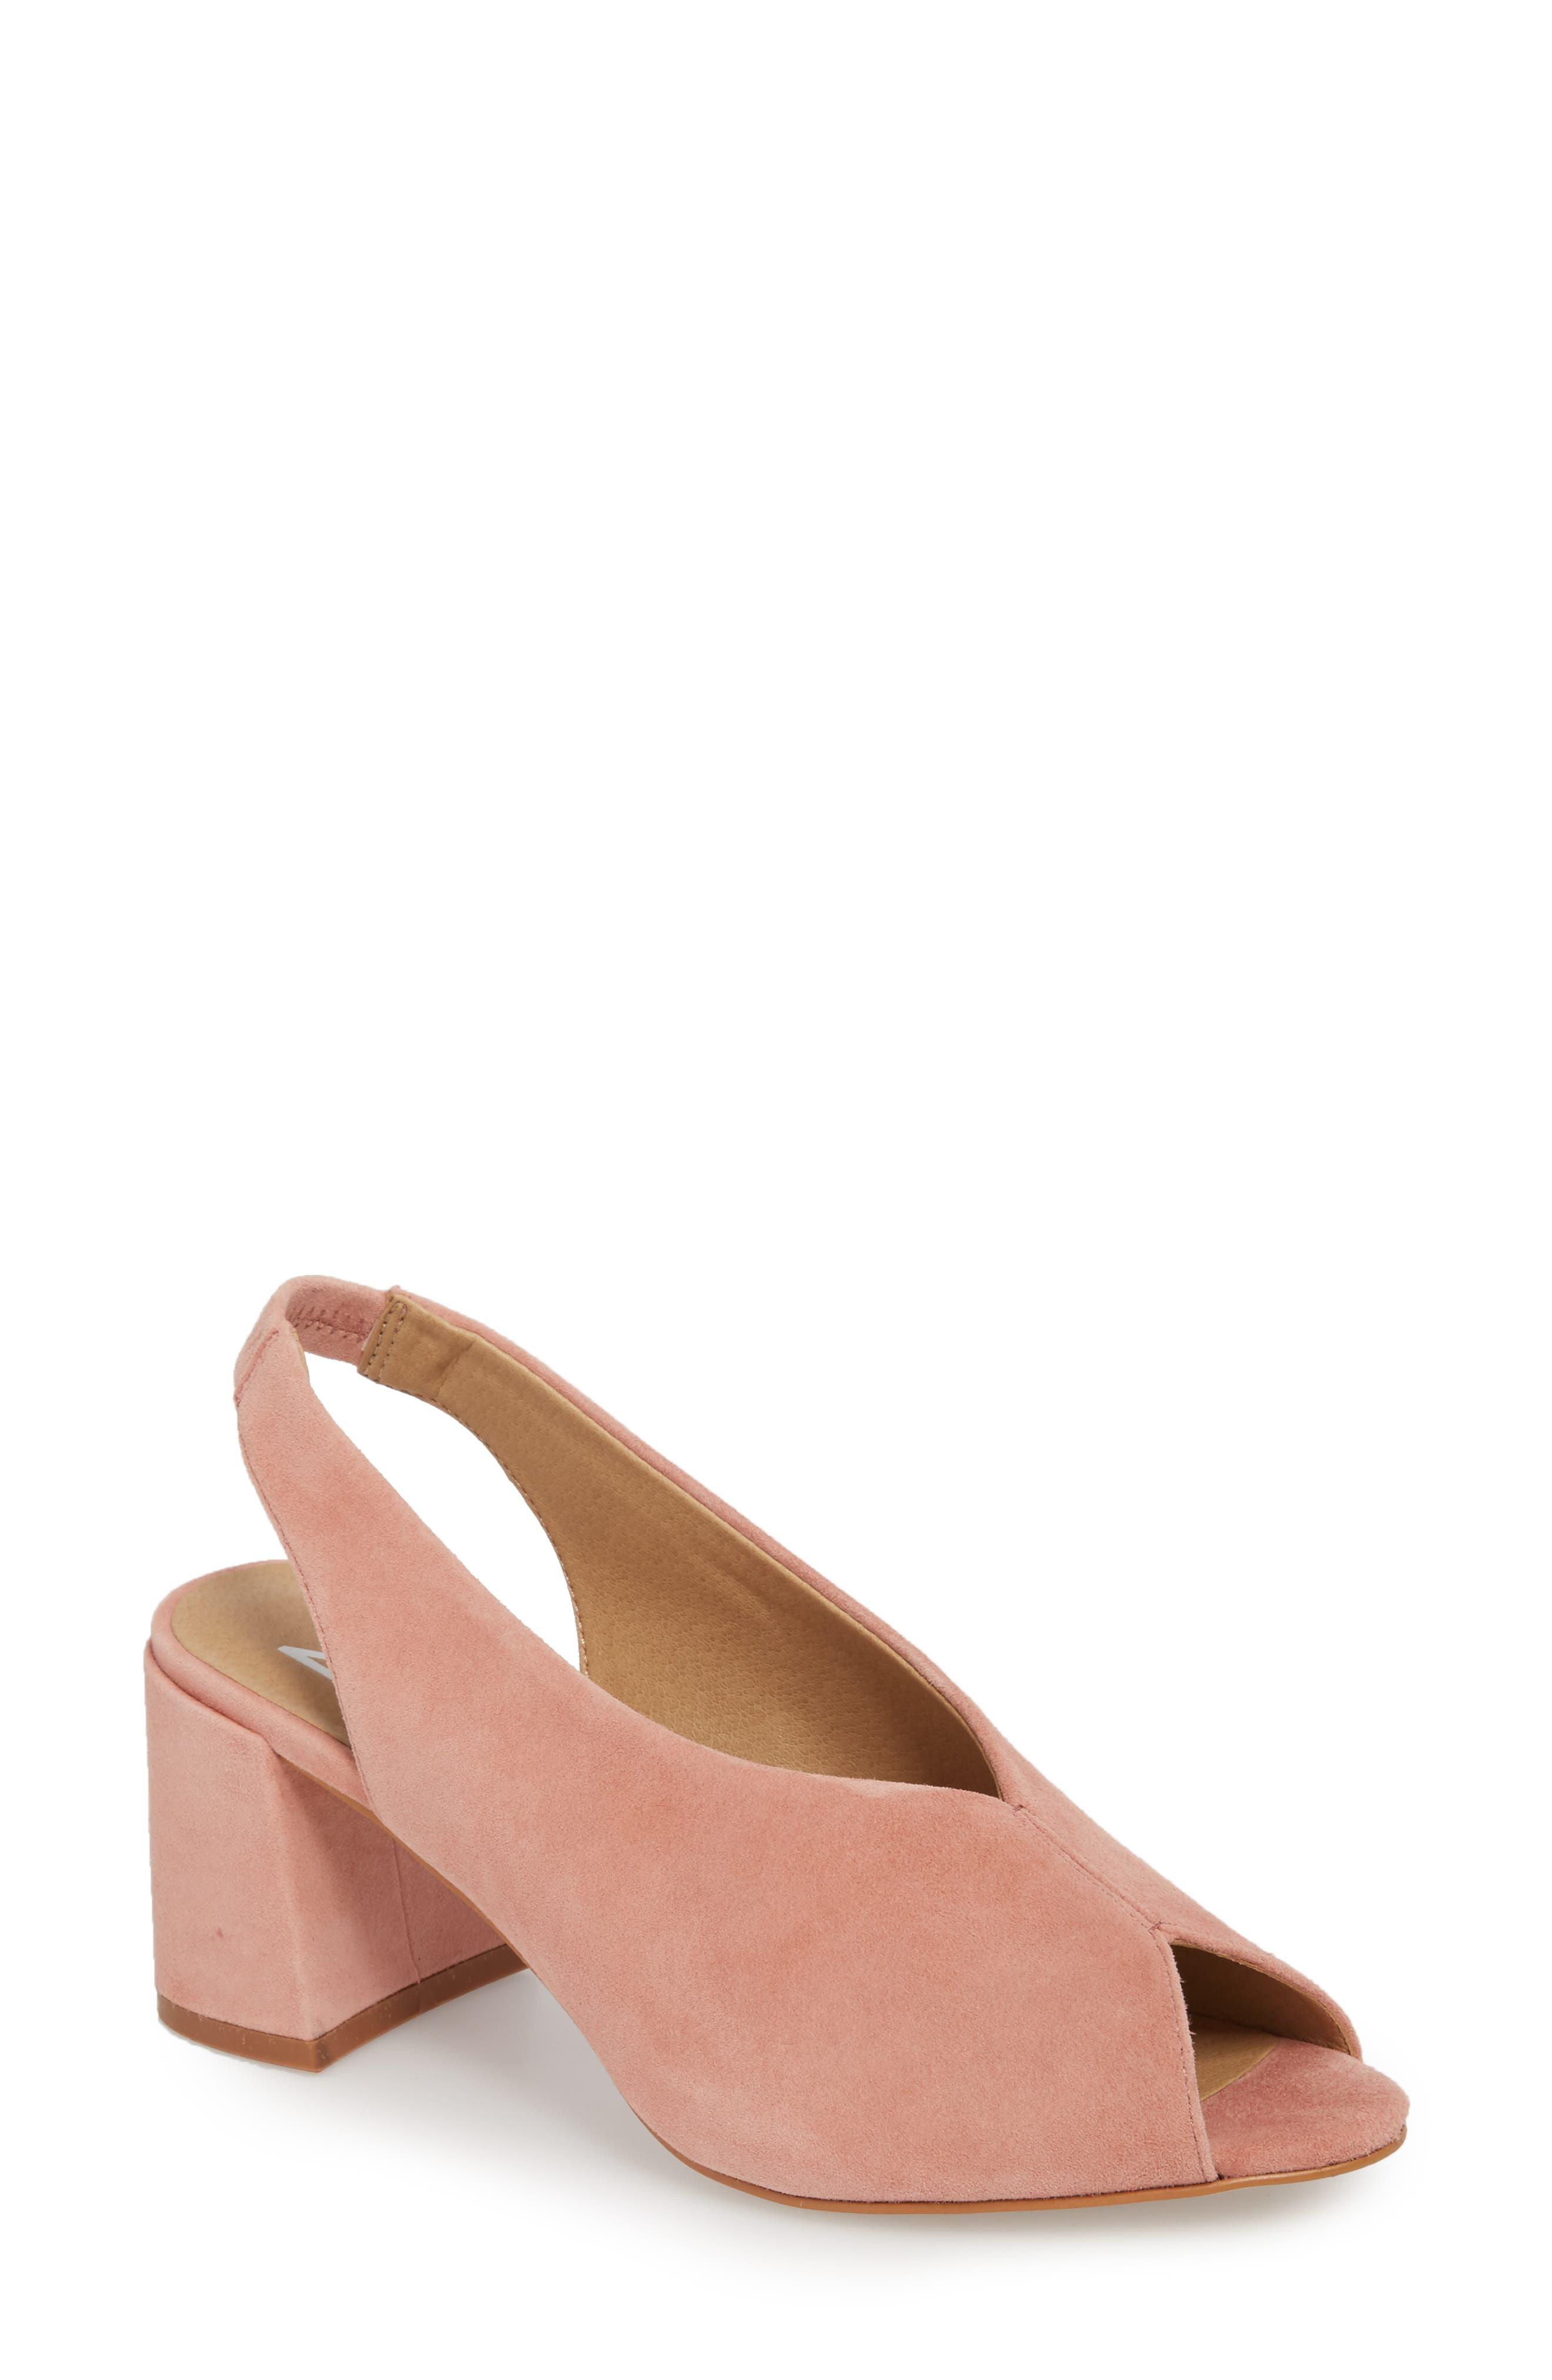 52f01a450cd Women s M4D3 Heels